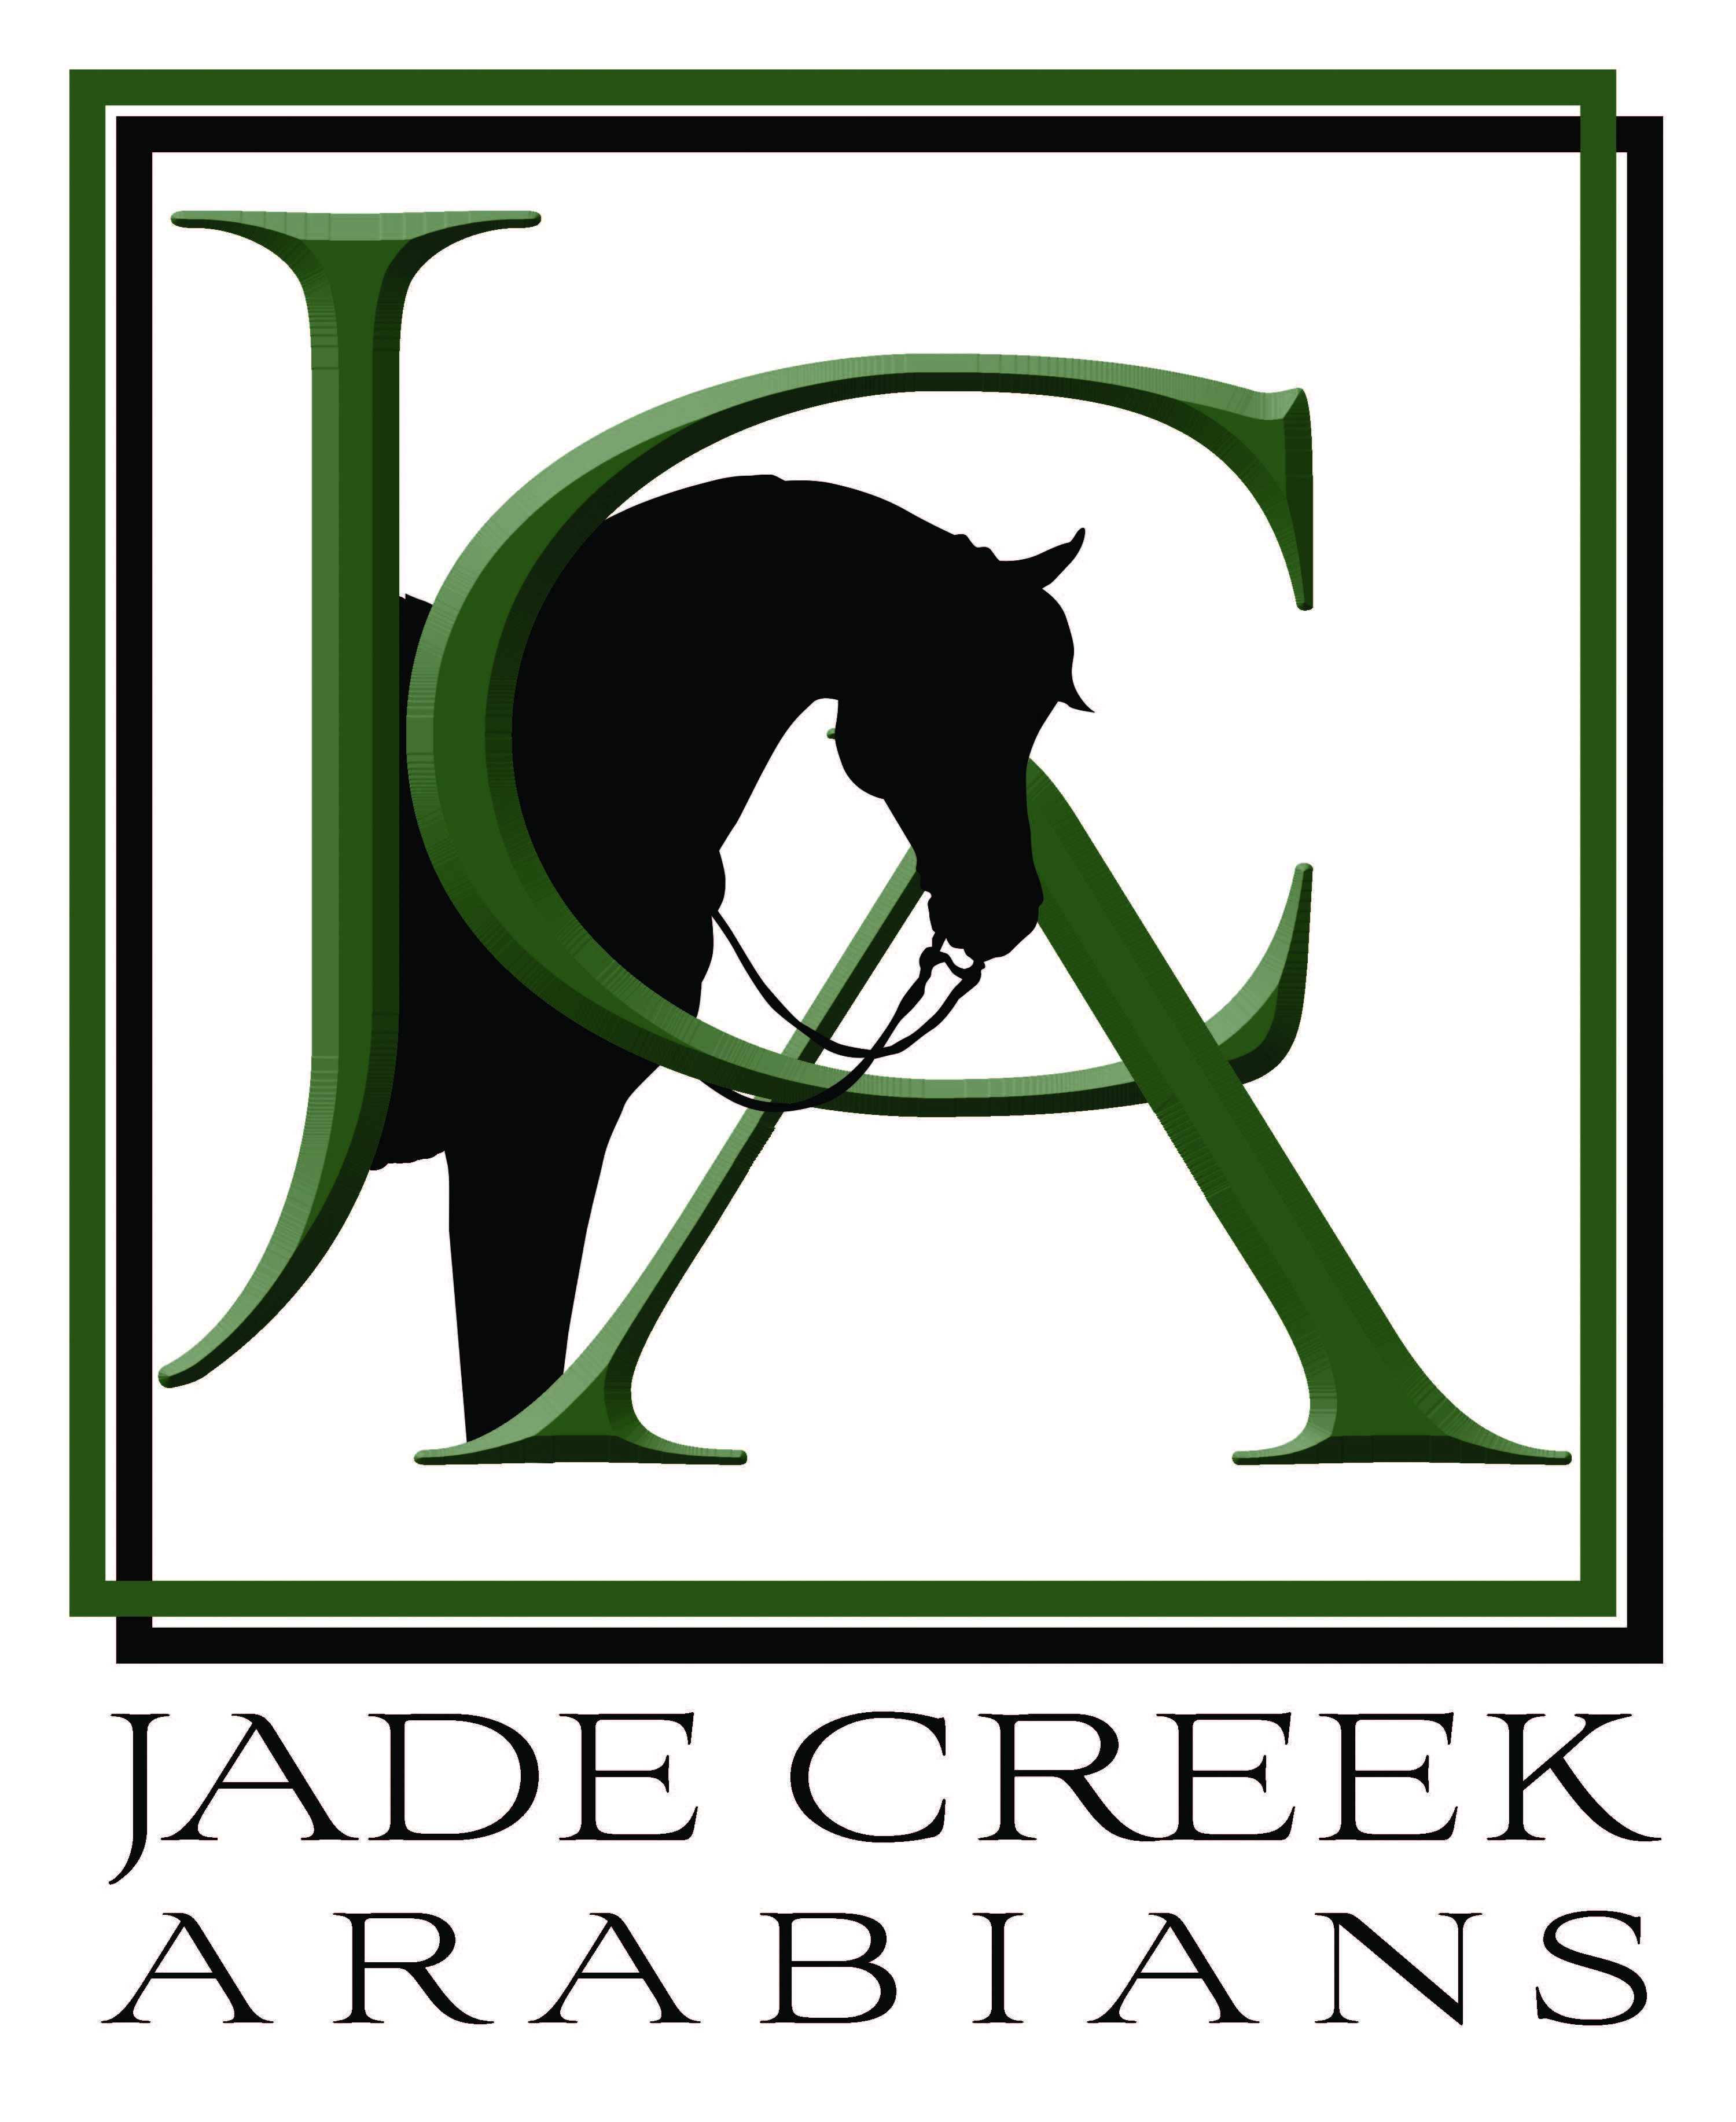 Jade Creek Arabians